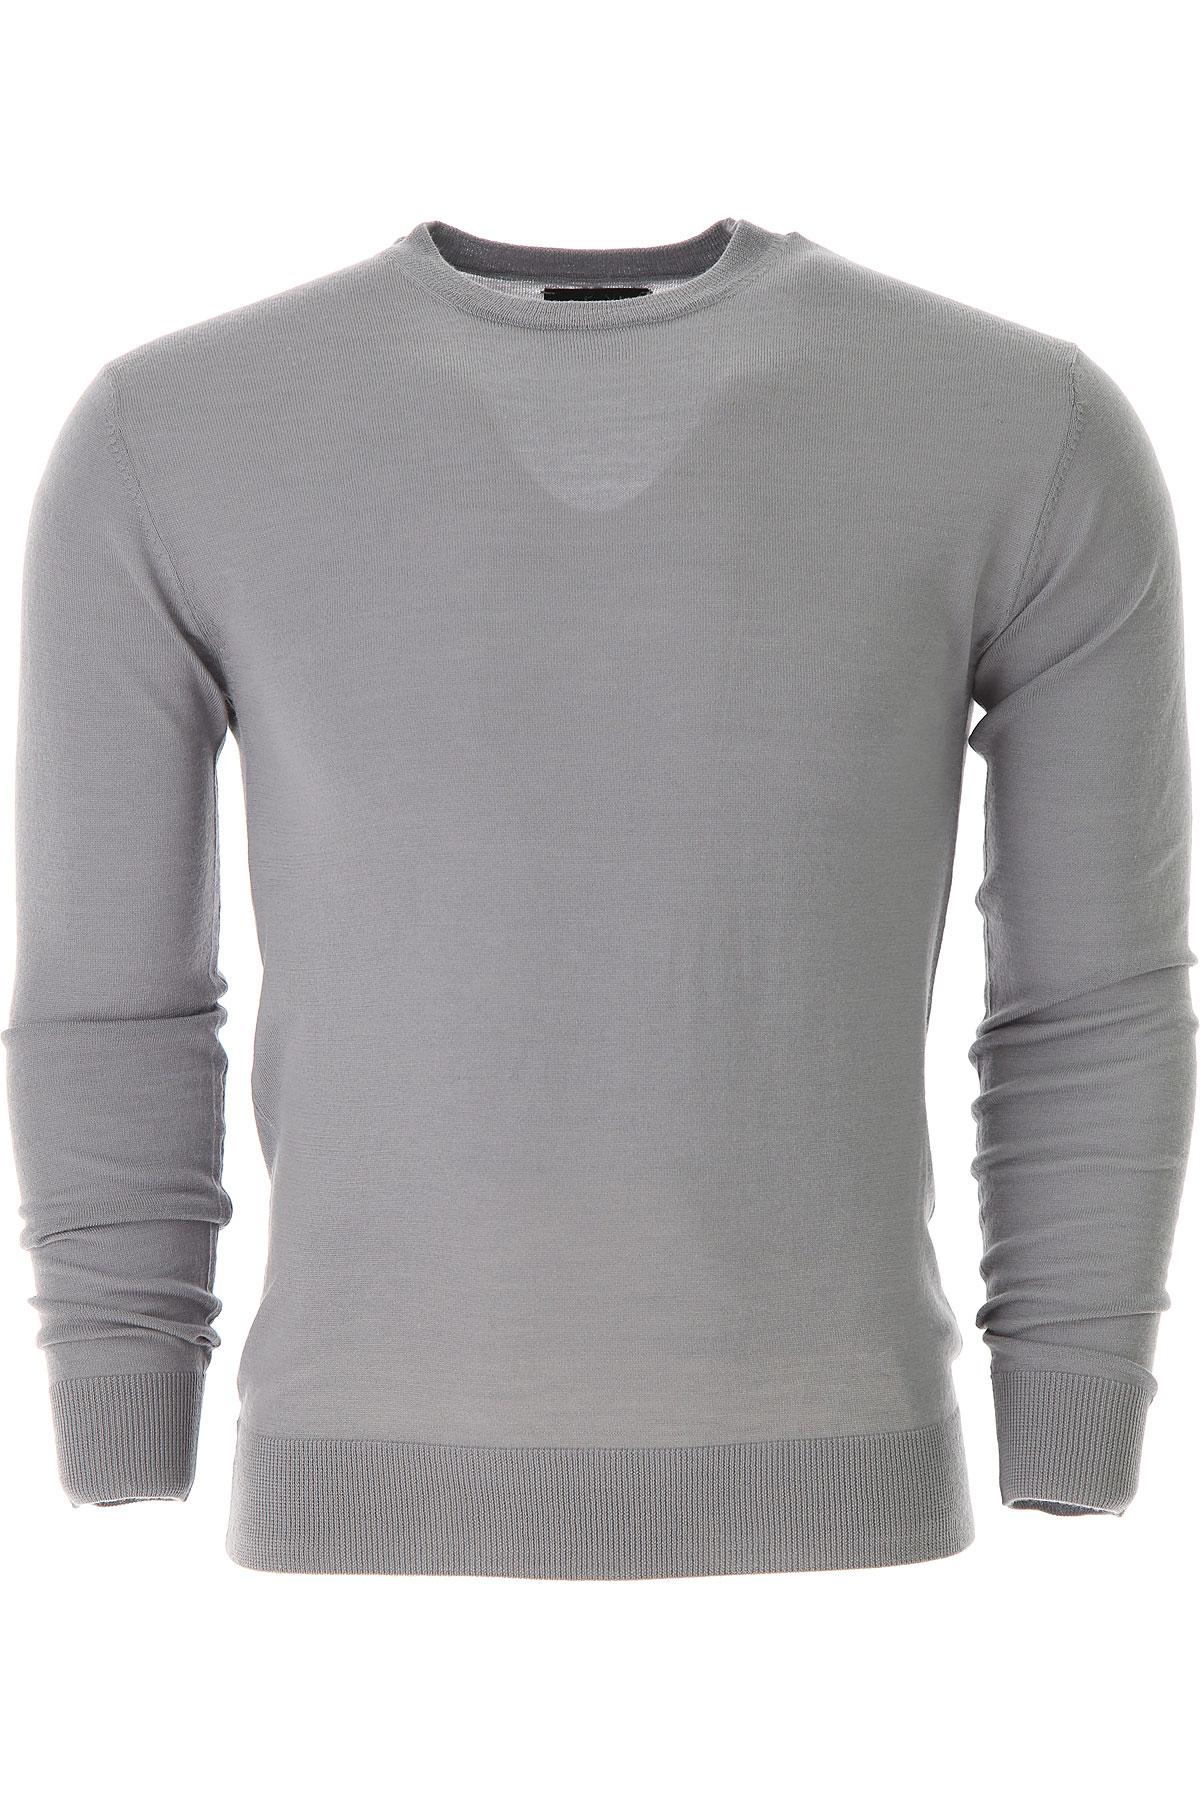 größte Auswahl an Verkauf Einzelhändler bieten eine große Auswahl an 32% Sale Guess Pullover für Herren, Pulli Günstig im Sale ...